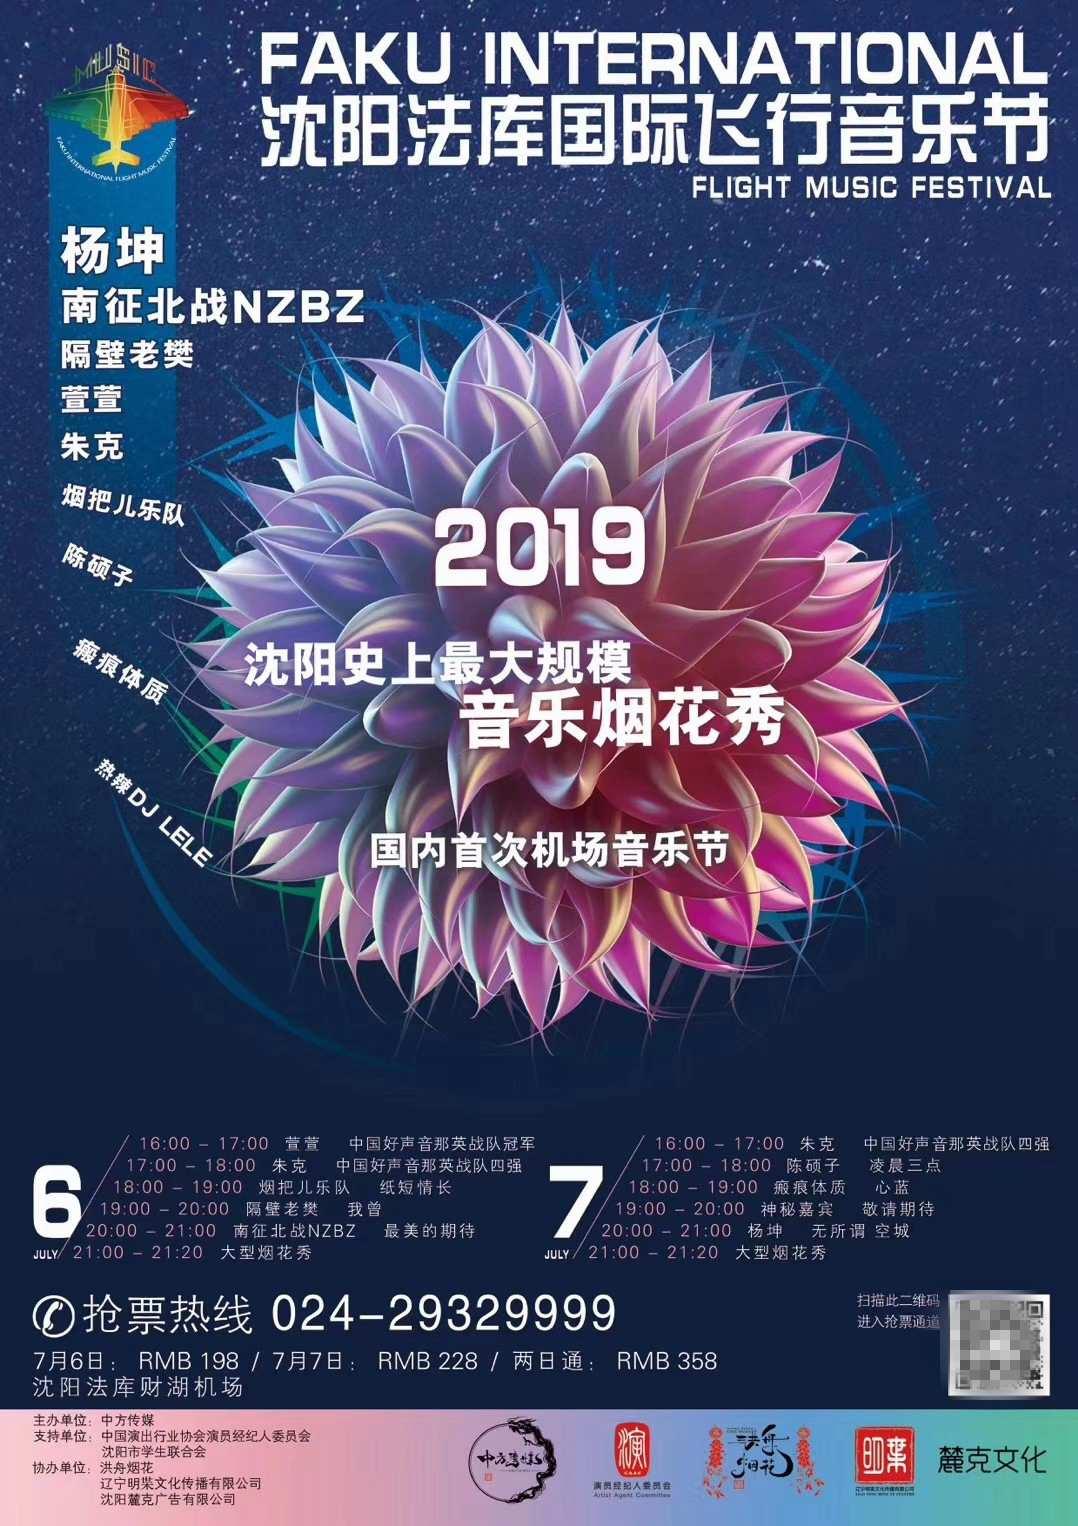 沈阳法库国际飞行音乐节 (1).jpg